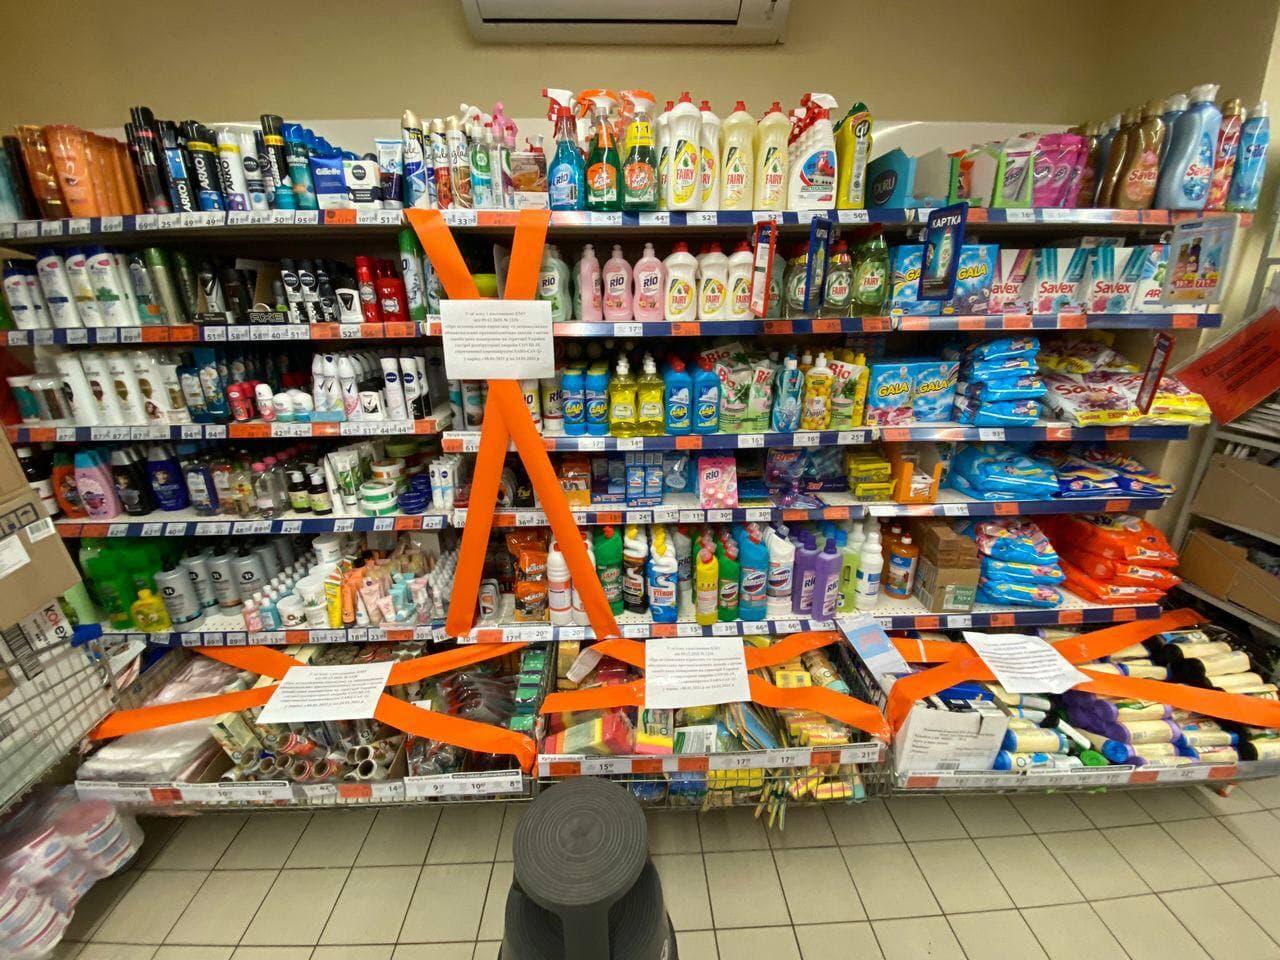 Стрічки та роздруківки: як у супермаркетах обмежили продаж заборонених товарів